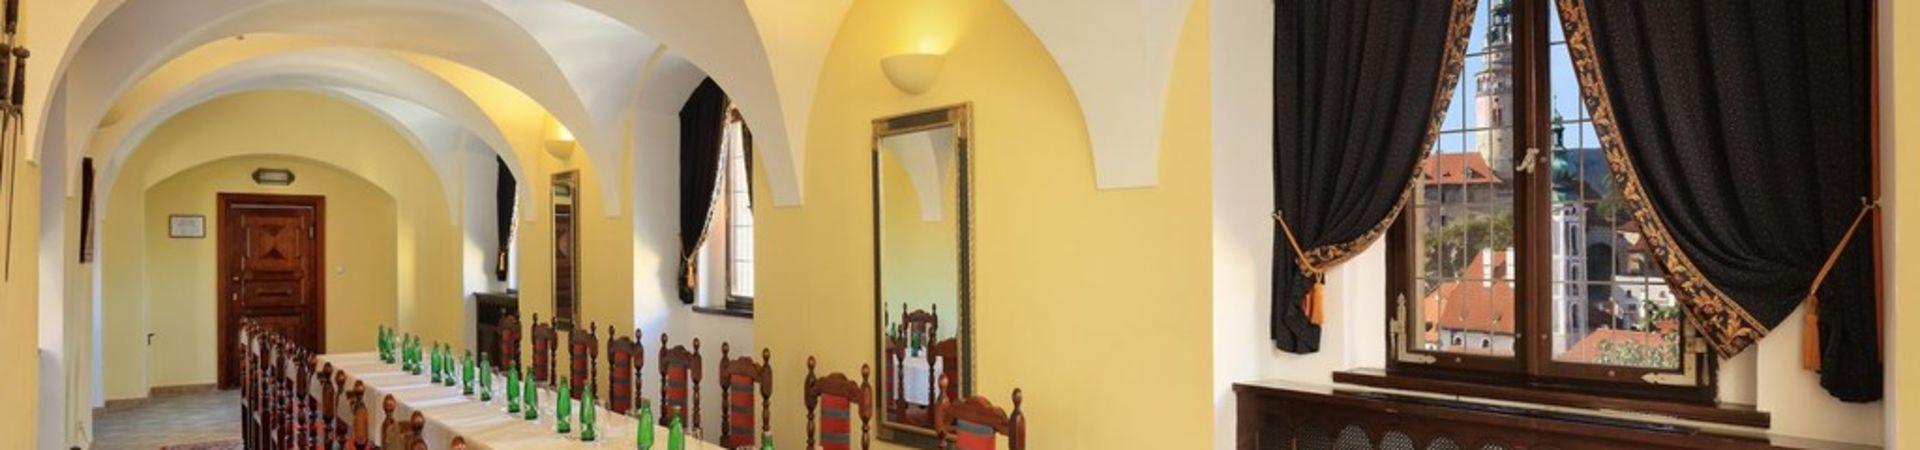 Hotel Růže - Rotary salonek